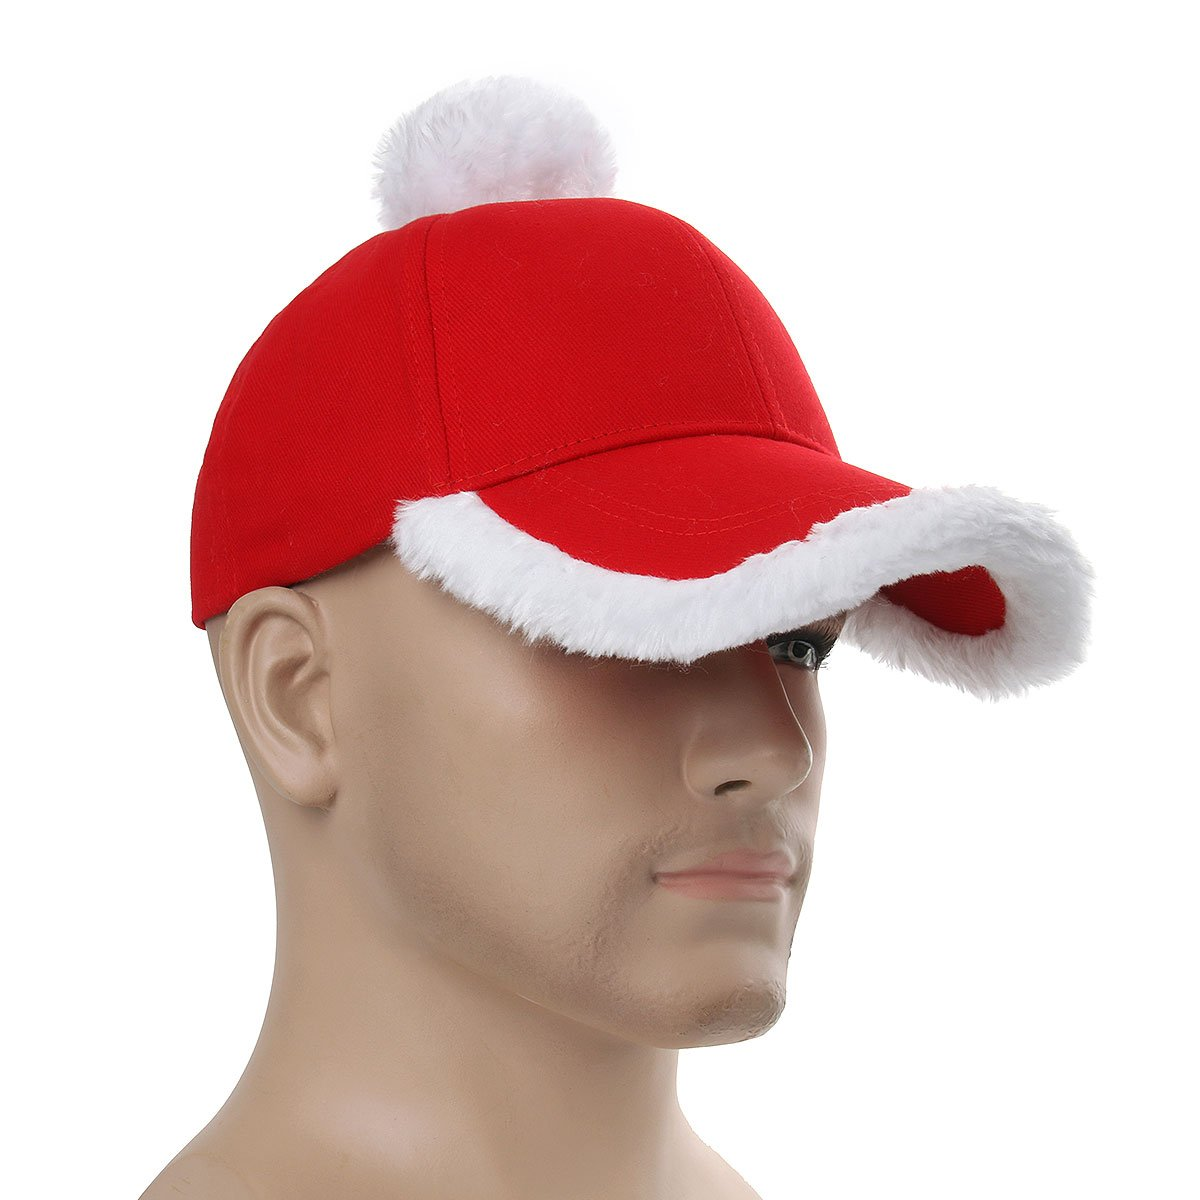 d38cd083cd04a Nofonda Gorra Béisbol Roja de Fiesta de Navidad Sombrero Unisexo de Invierno  Blanco para Mujer Hombre Gorro Lujo de Estilo Padre Santa Claus para Adulto   ...